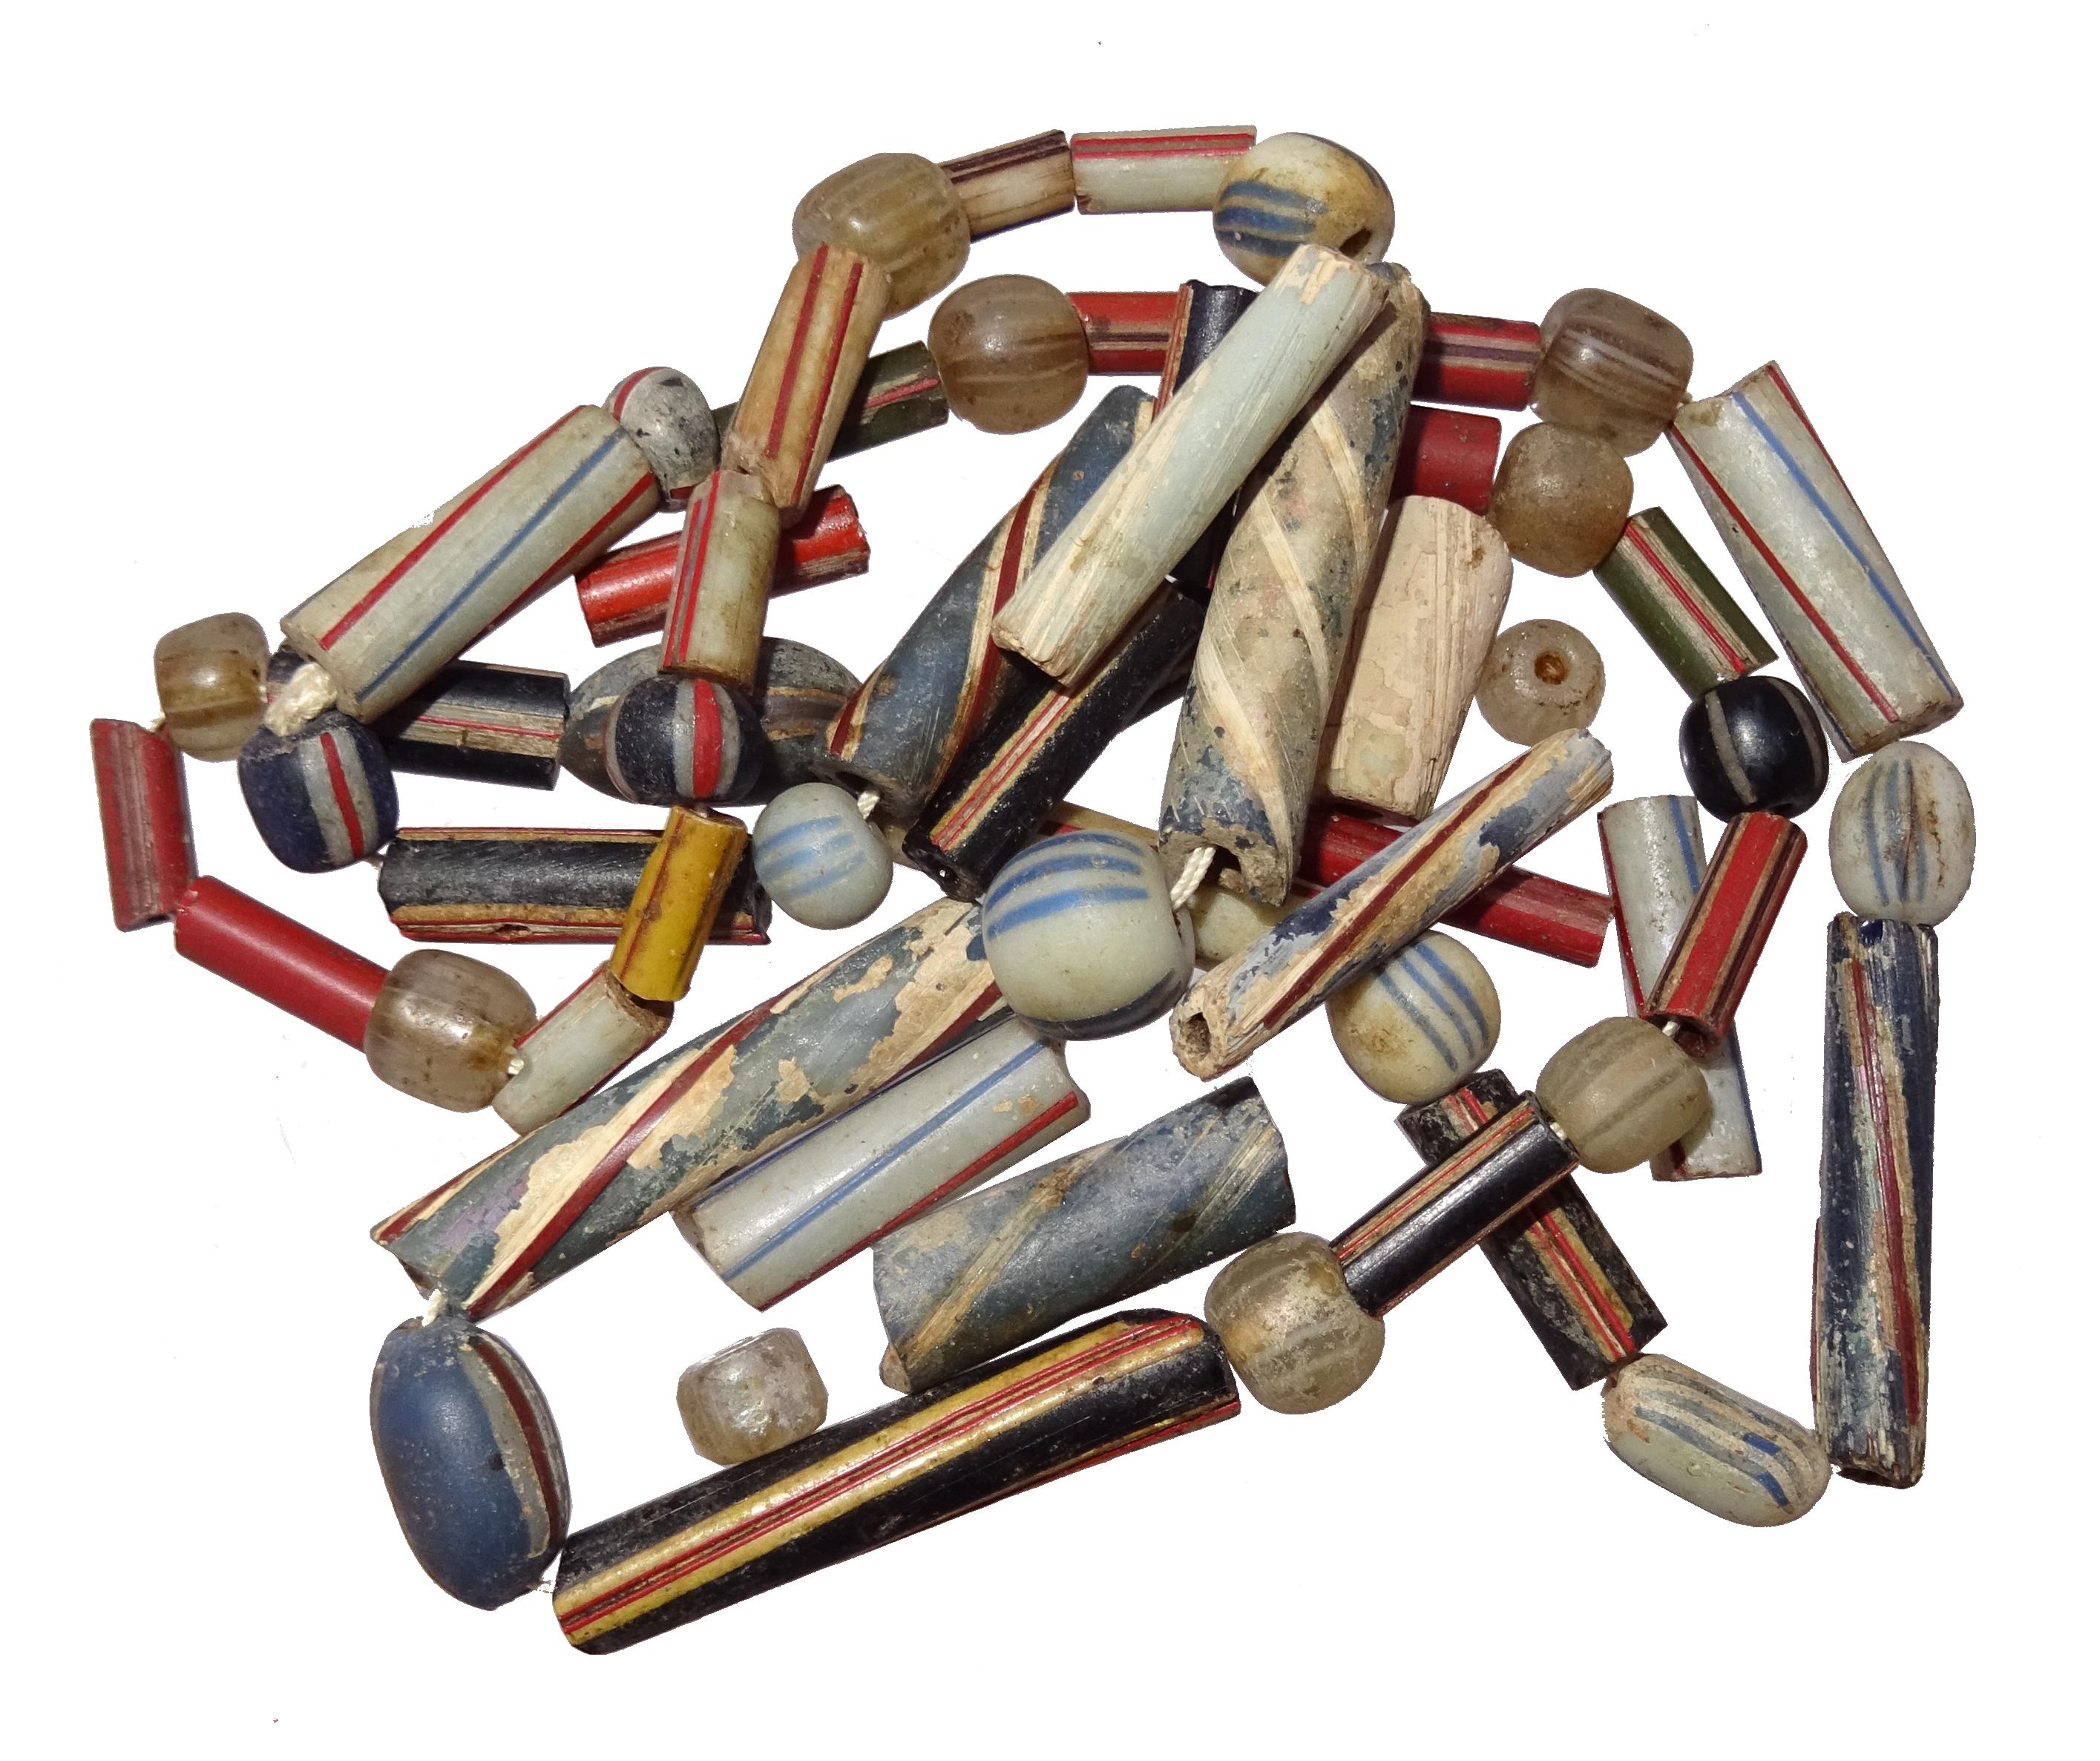 In de Middelburgse glasblazerijen werden ook kralen gemaakt; deze kralen zijn gevonden bij een opgraving in Middelburg (Erfgoed Zeeland).